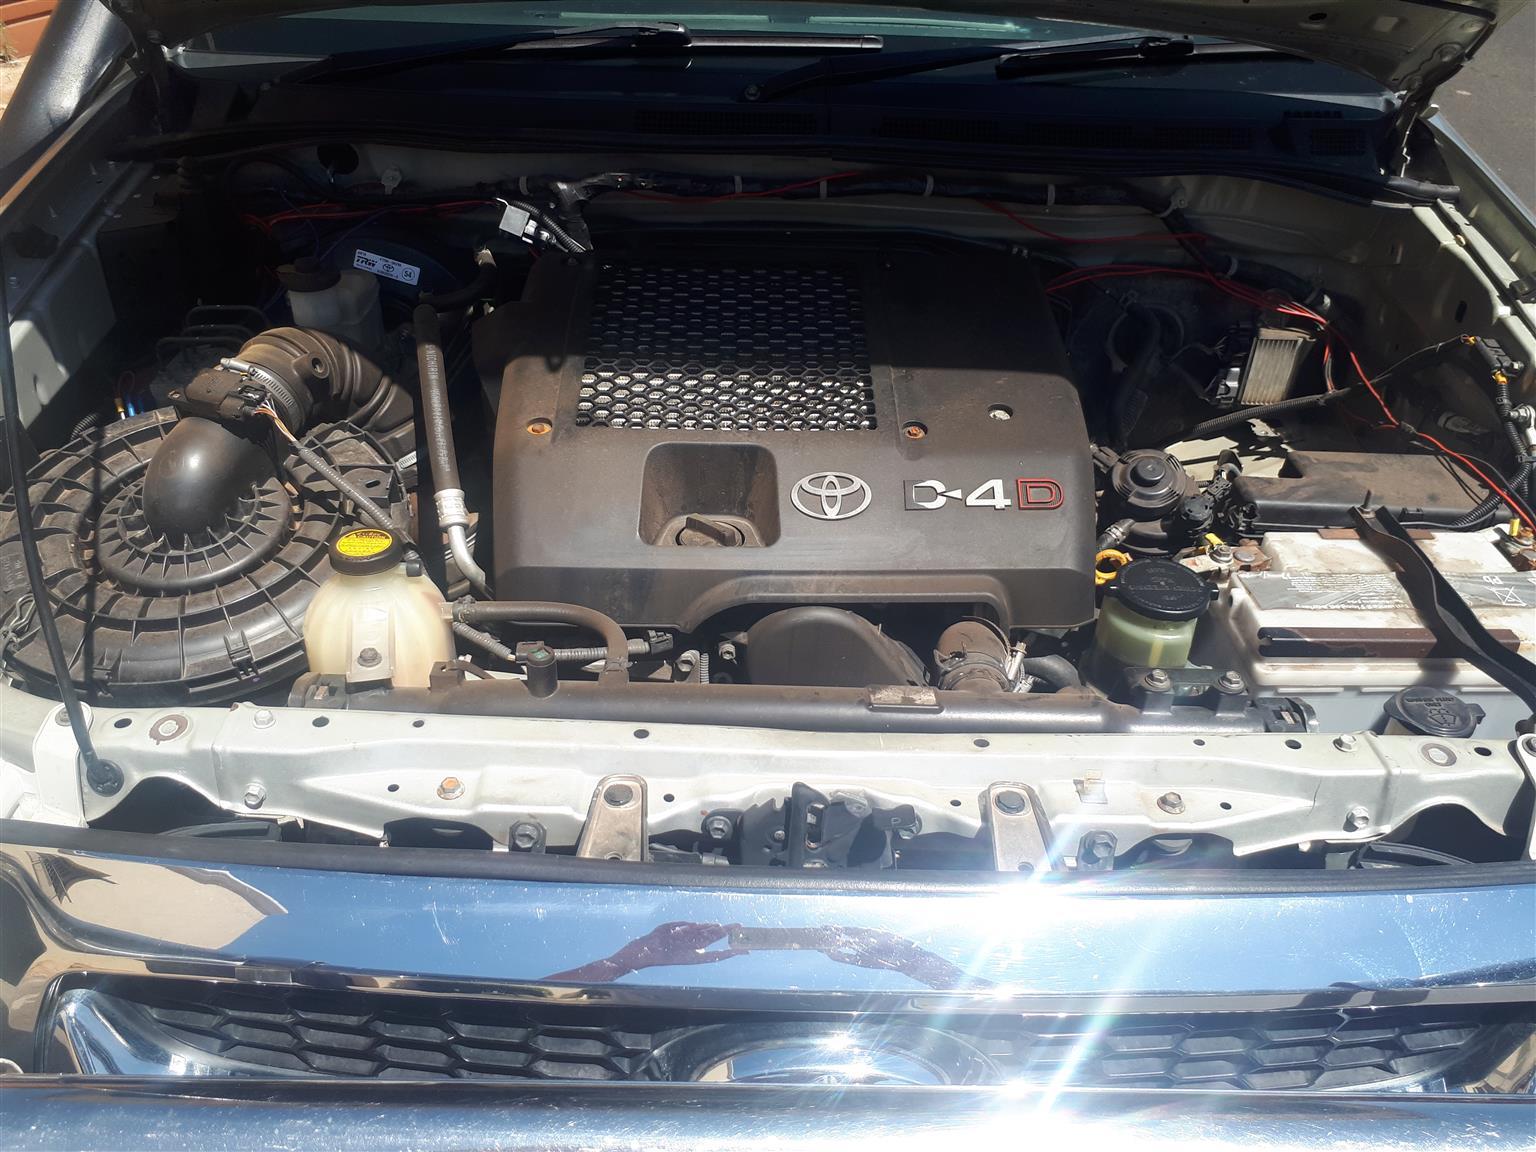 2010 Toyota Hilux double cab HILUX 3.0 D 4D RAIDER 4X4 A/T P/U D/C